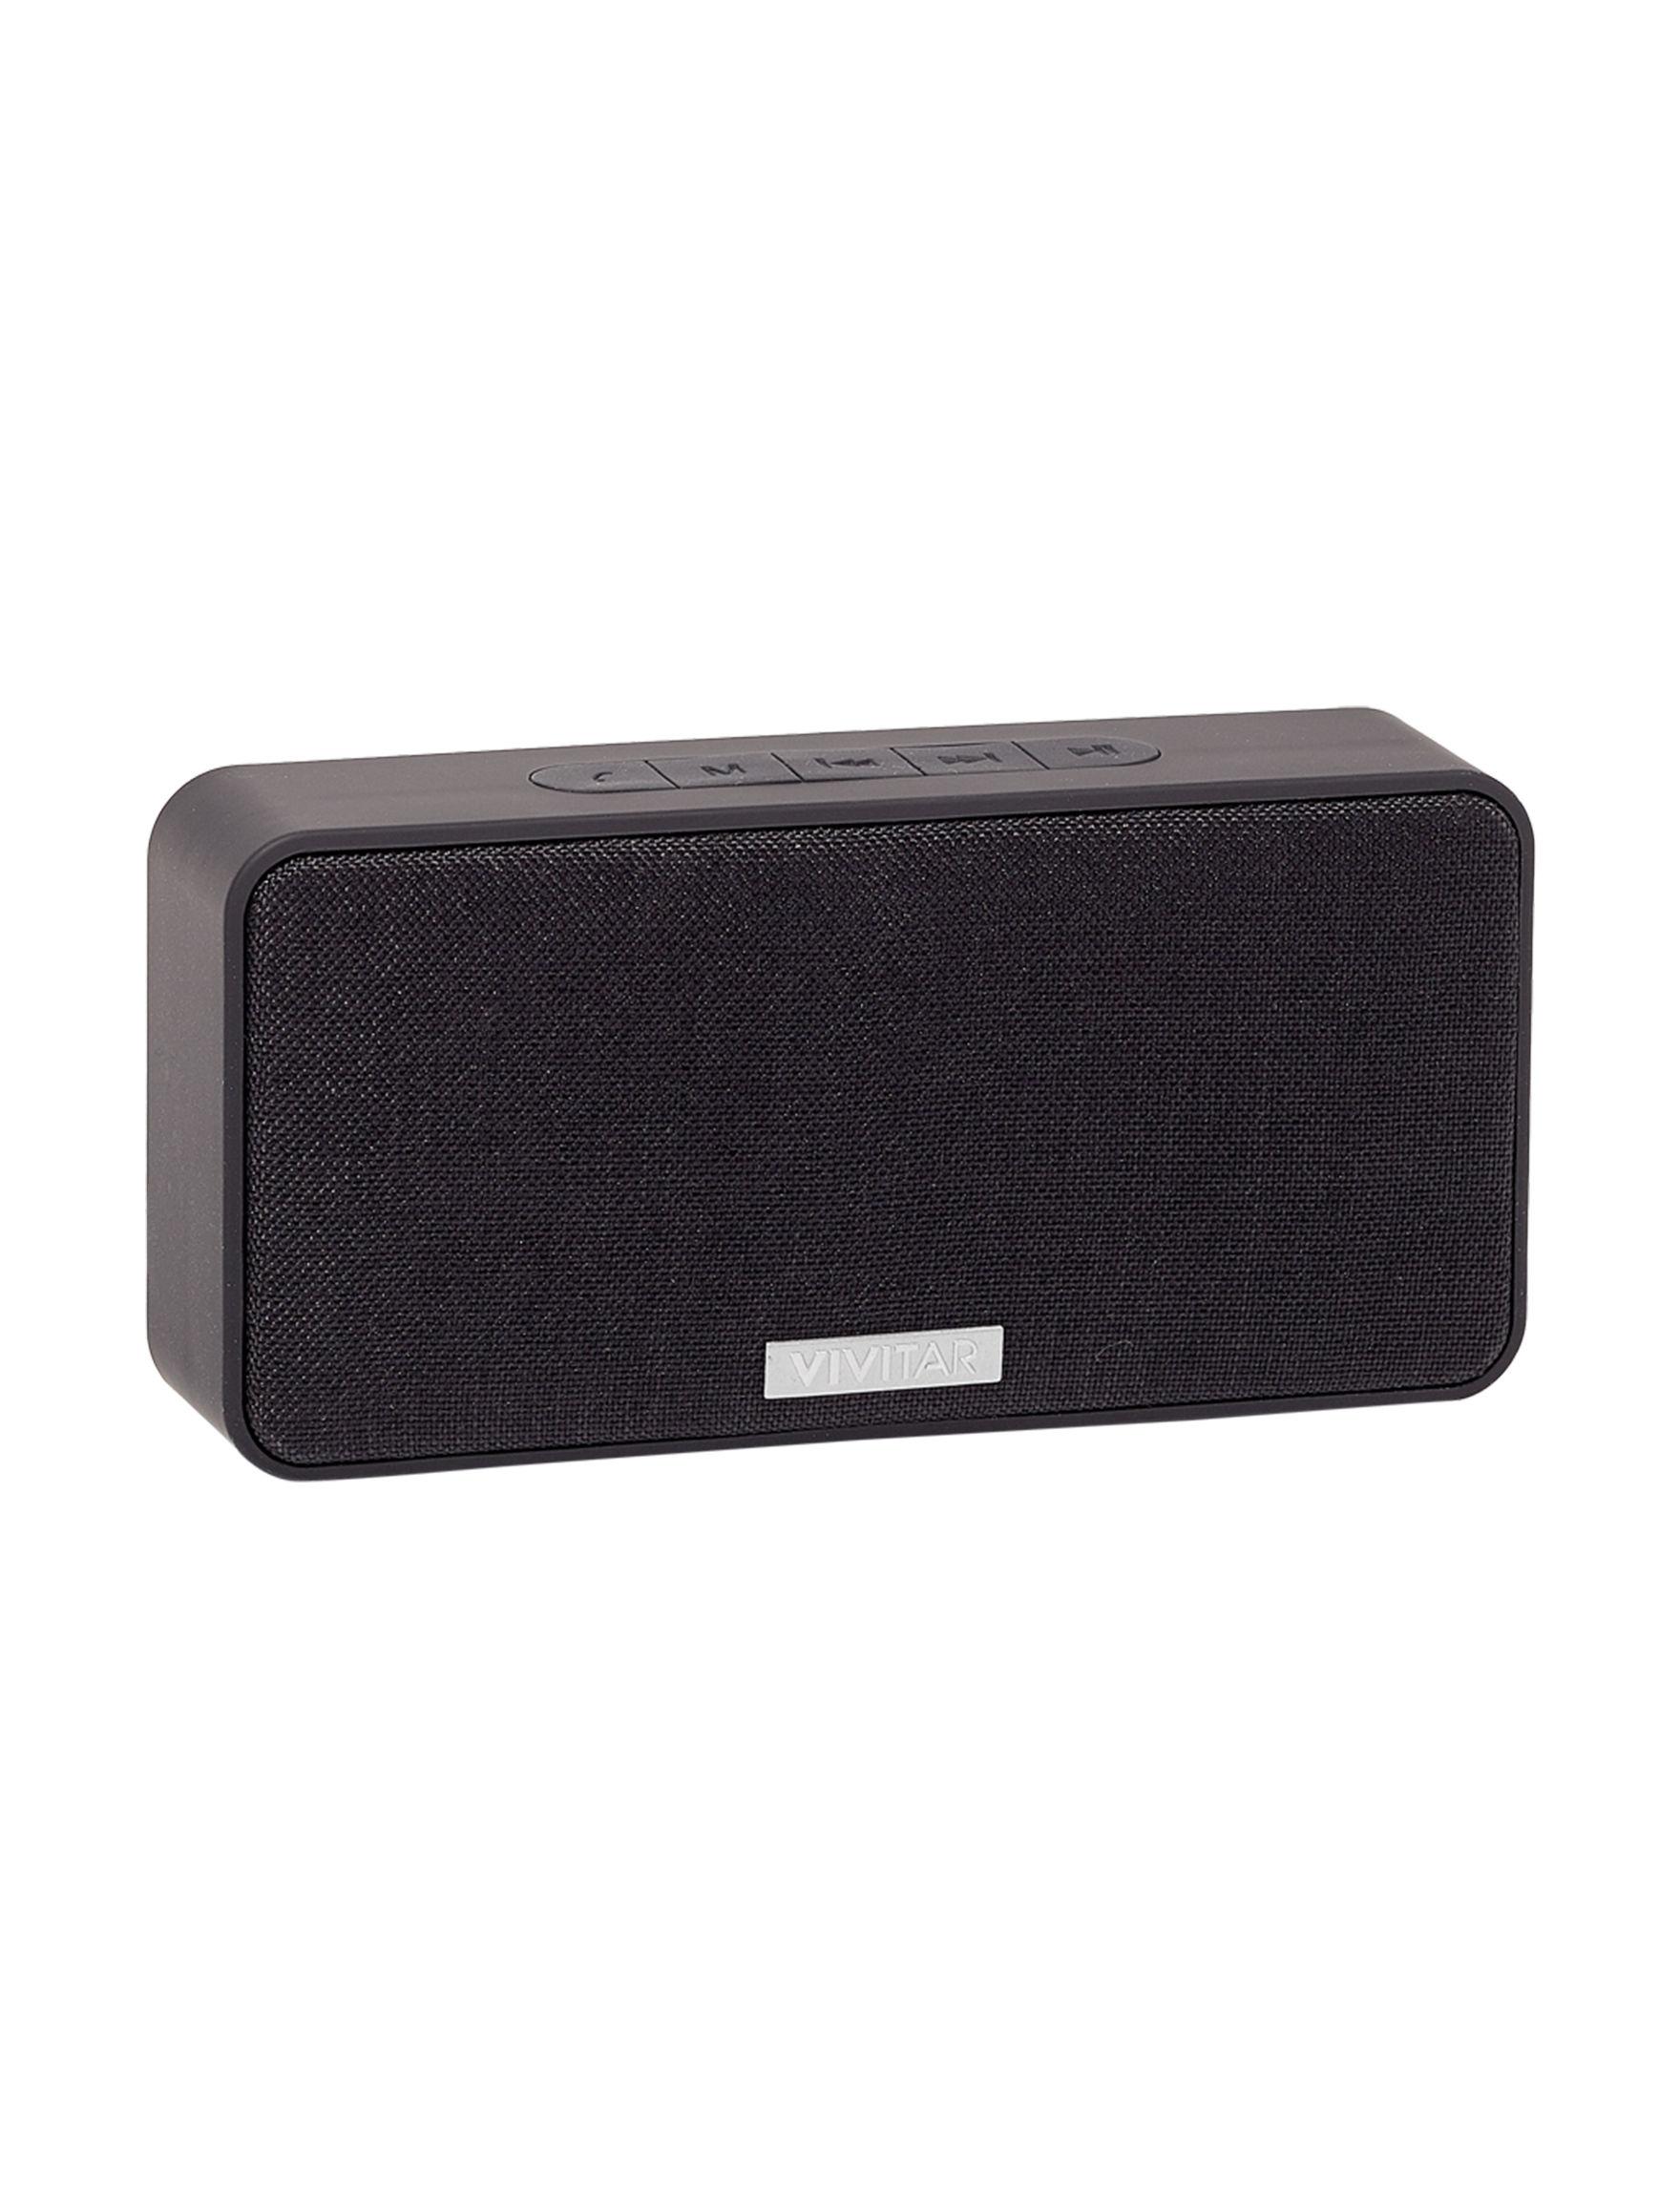 Vivitar Black Speakers & Docks